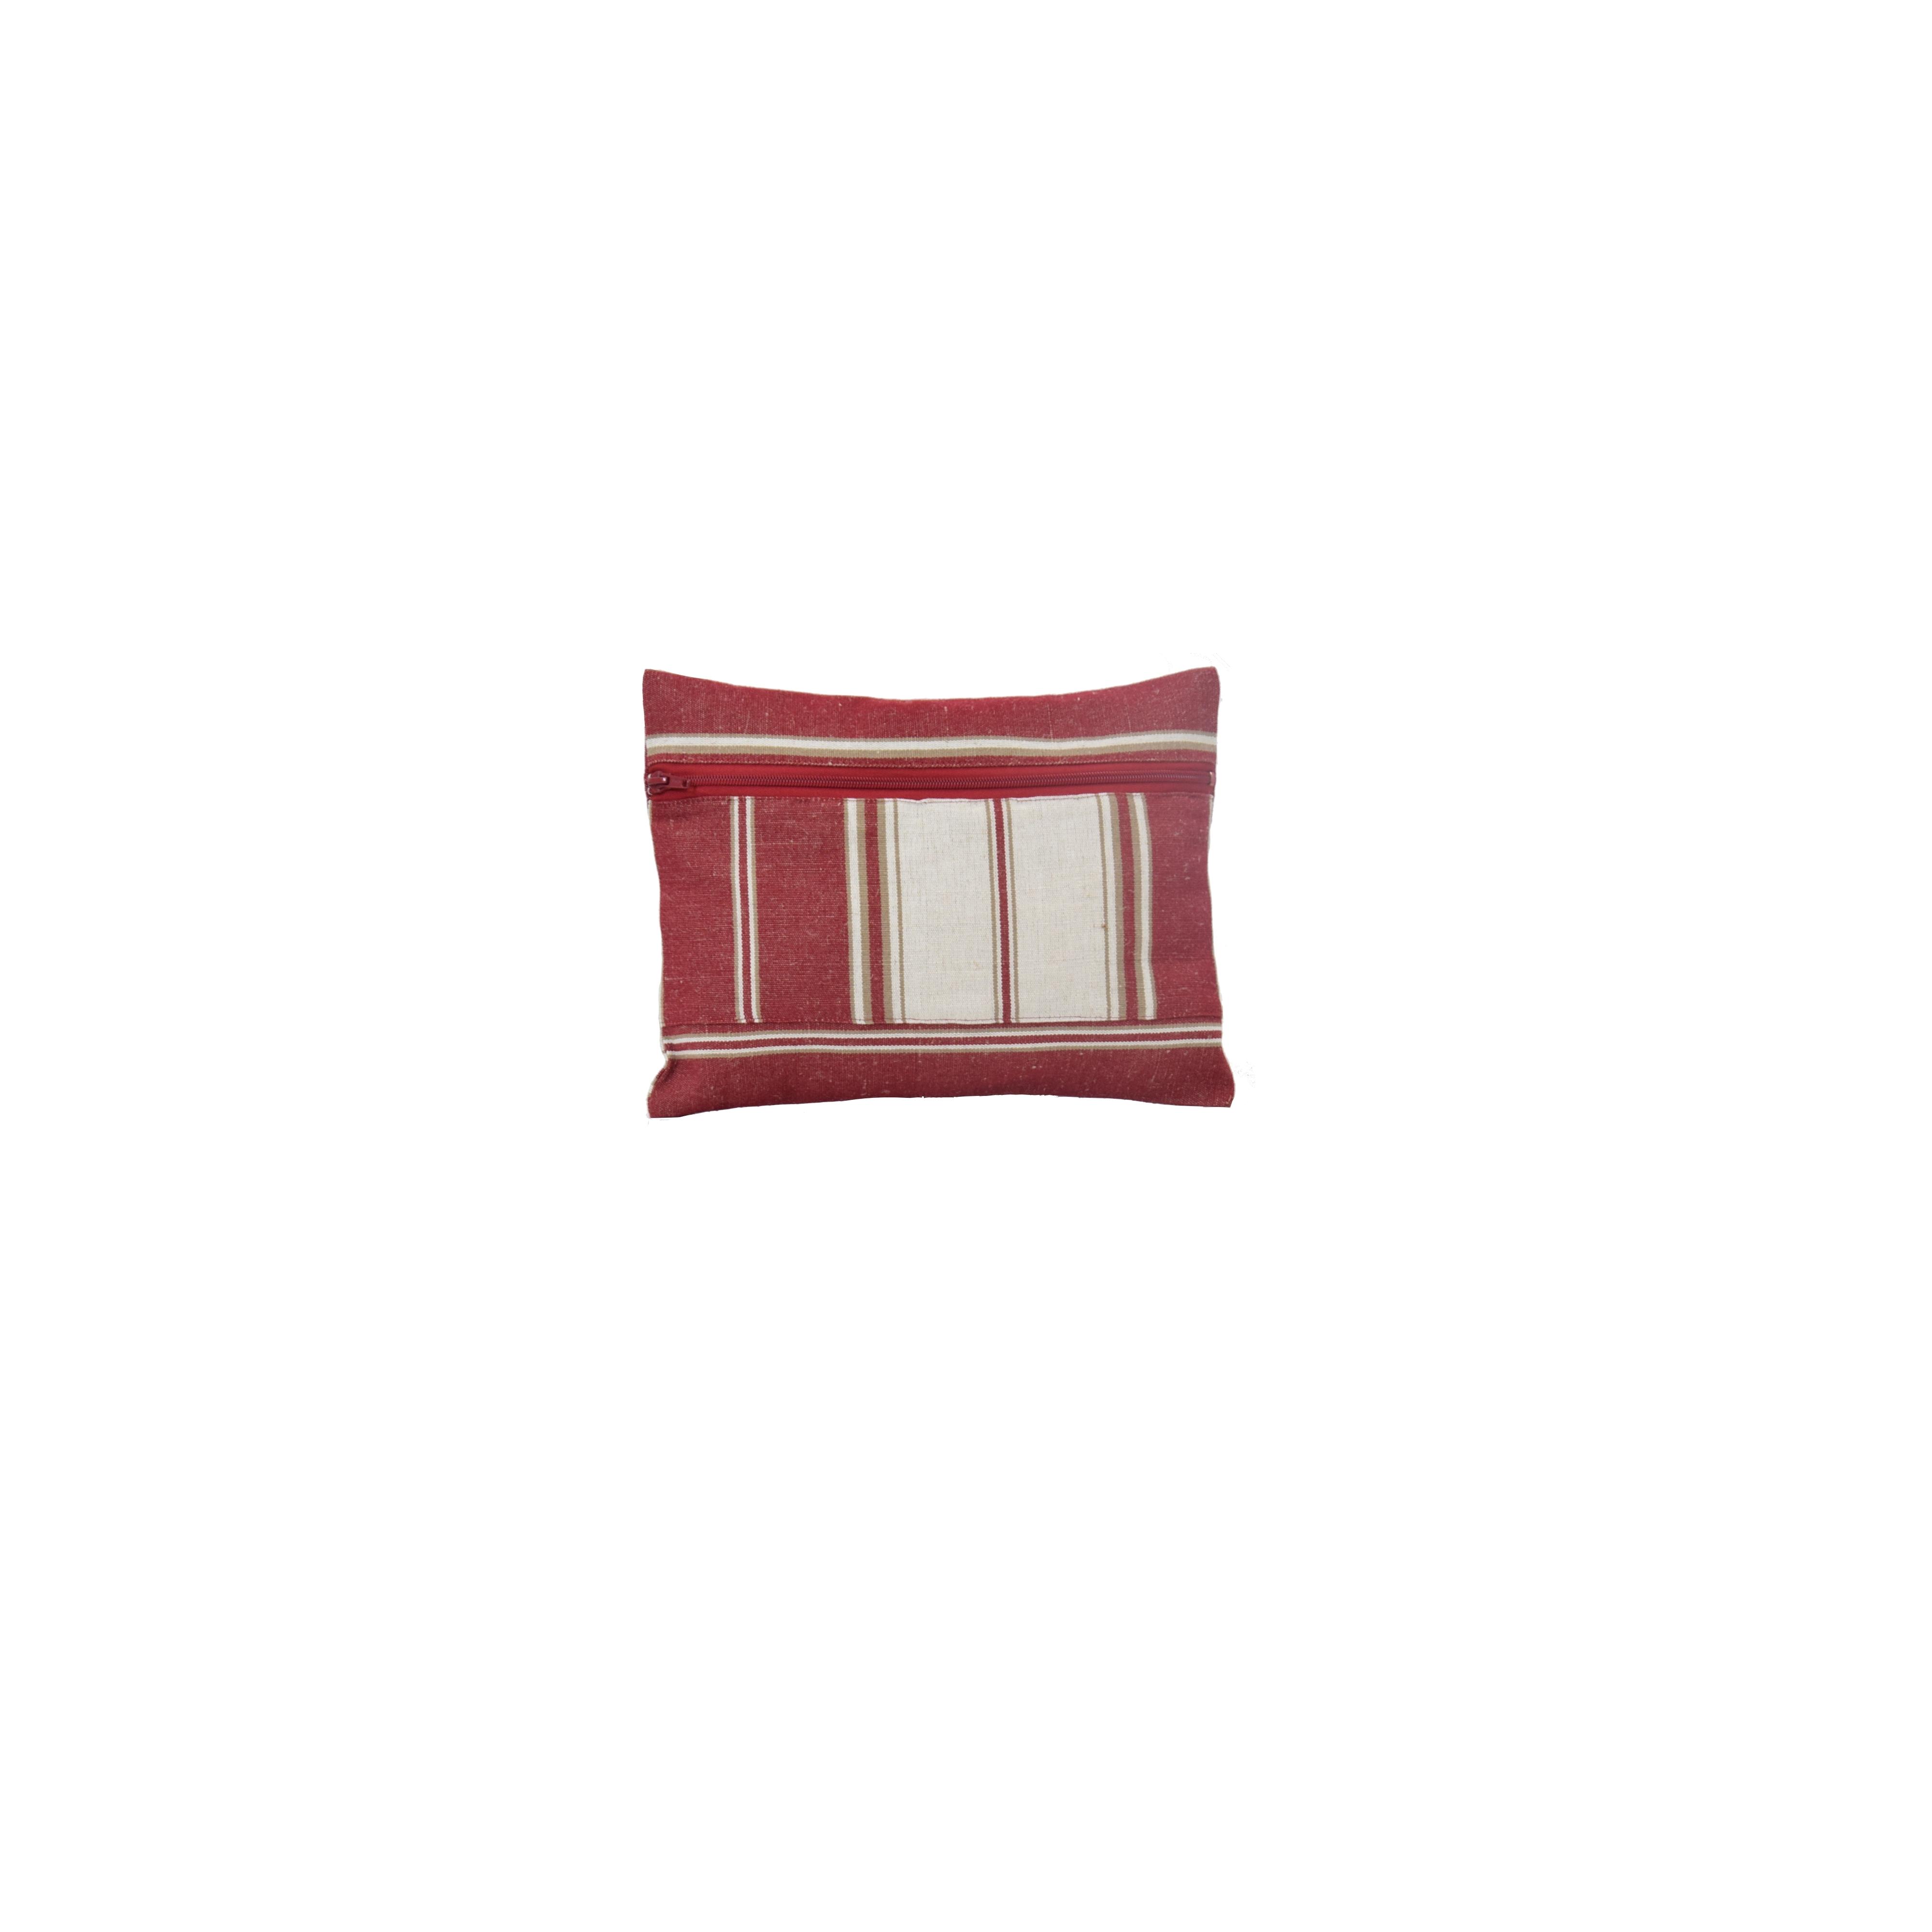 trousse de toilette en tissu rouge fabriqu en france. Black Bedroom Furniture Sets. Home Design Ideas